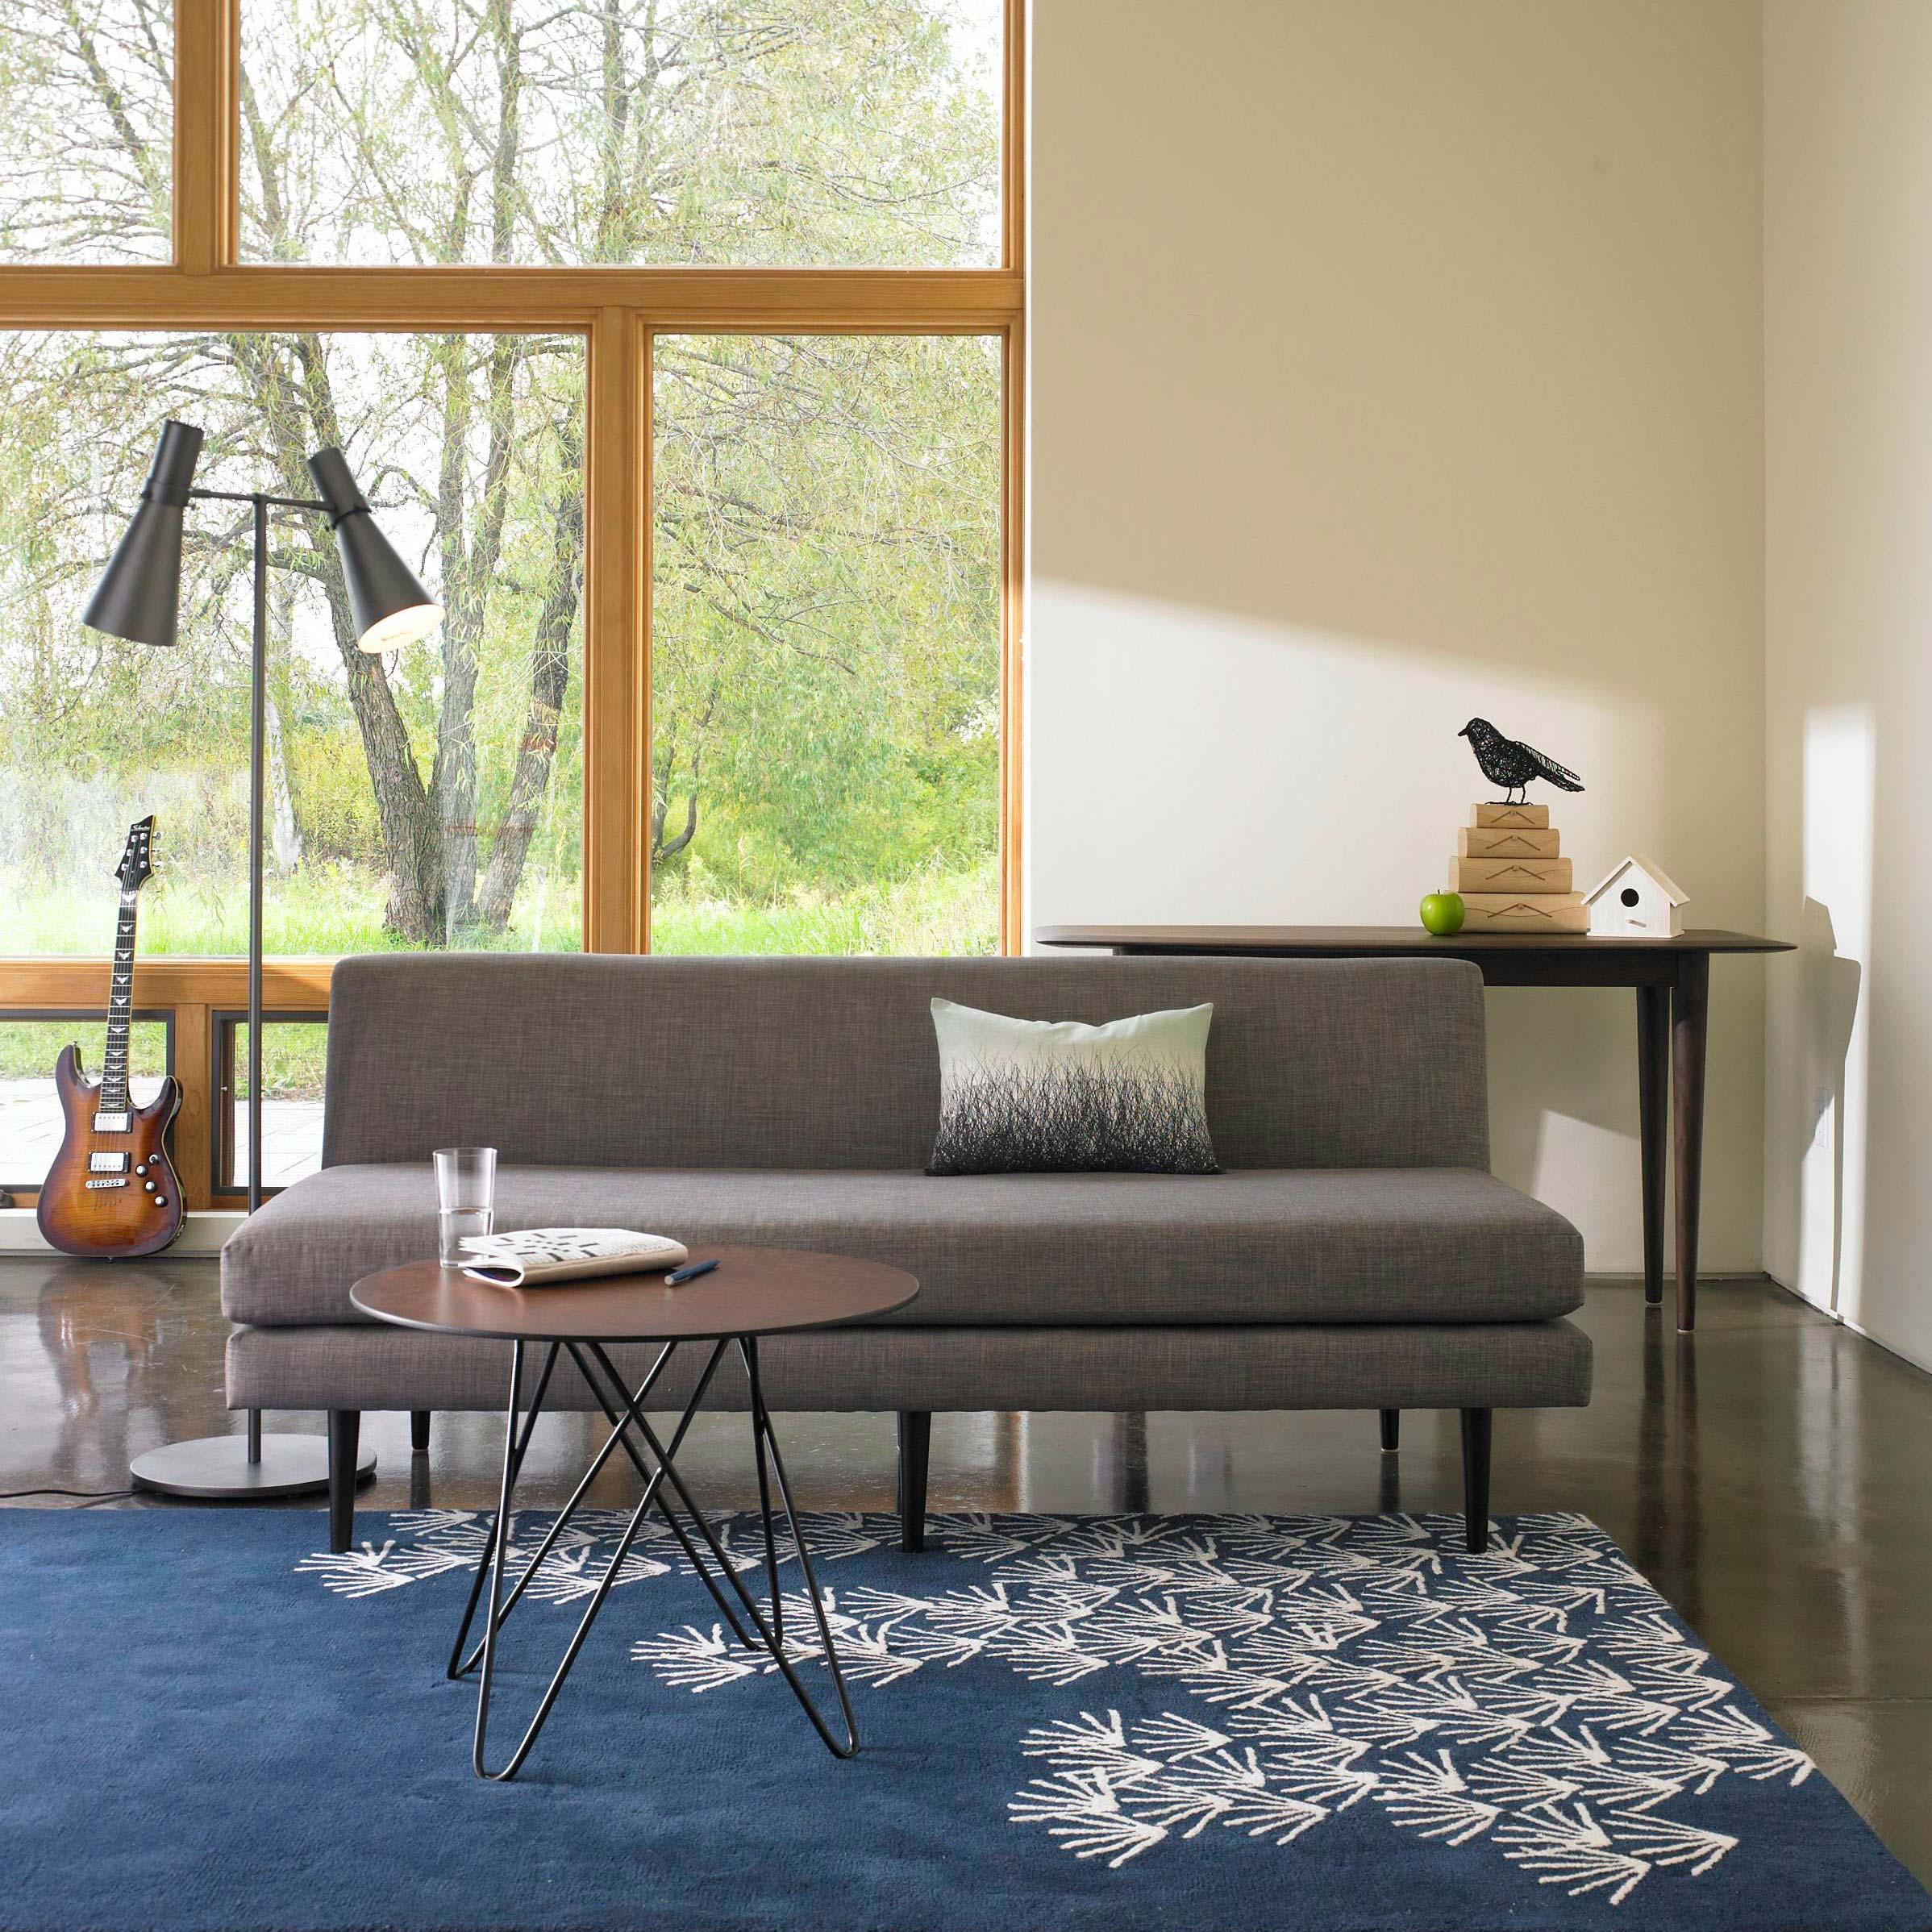 CB2_living-room_nature_molly-fitzsimons.jpg